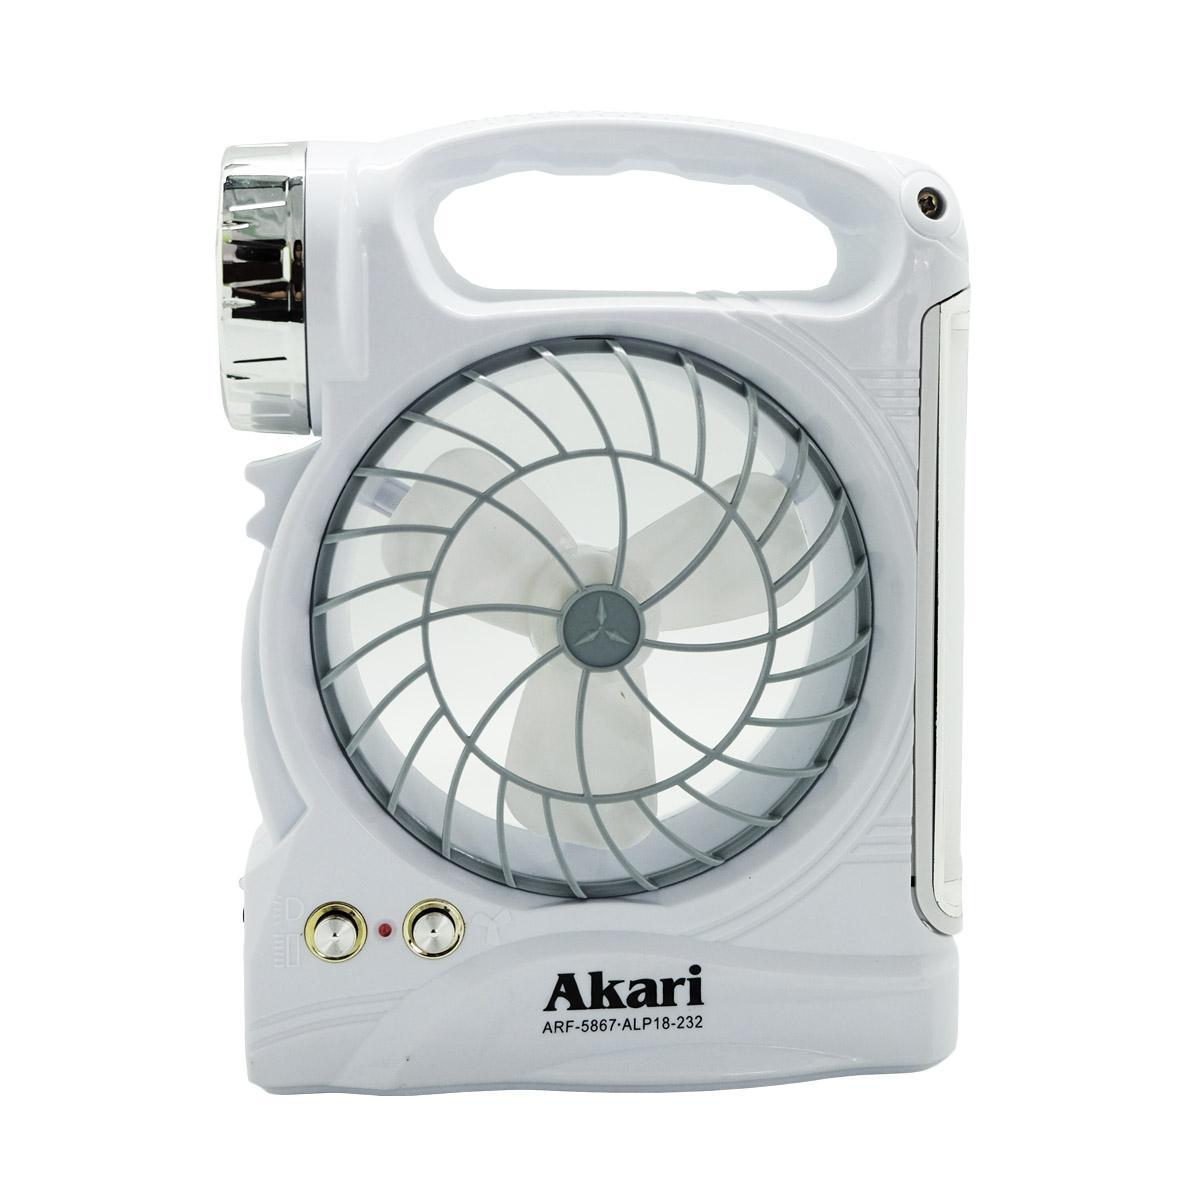 Akari Philippines Akari Price List Akari Led Lamp